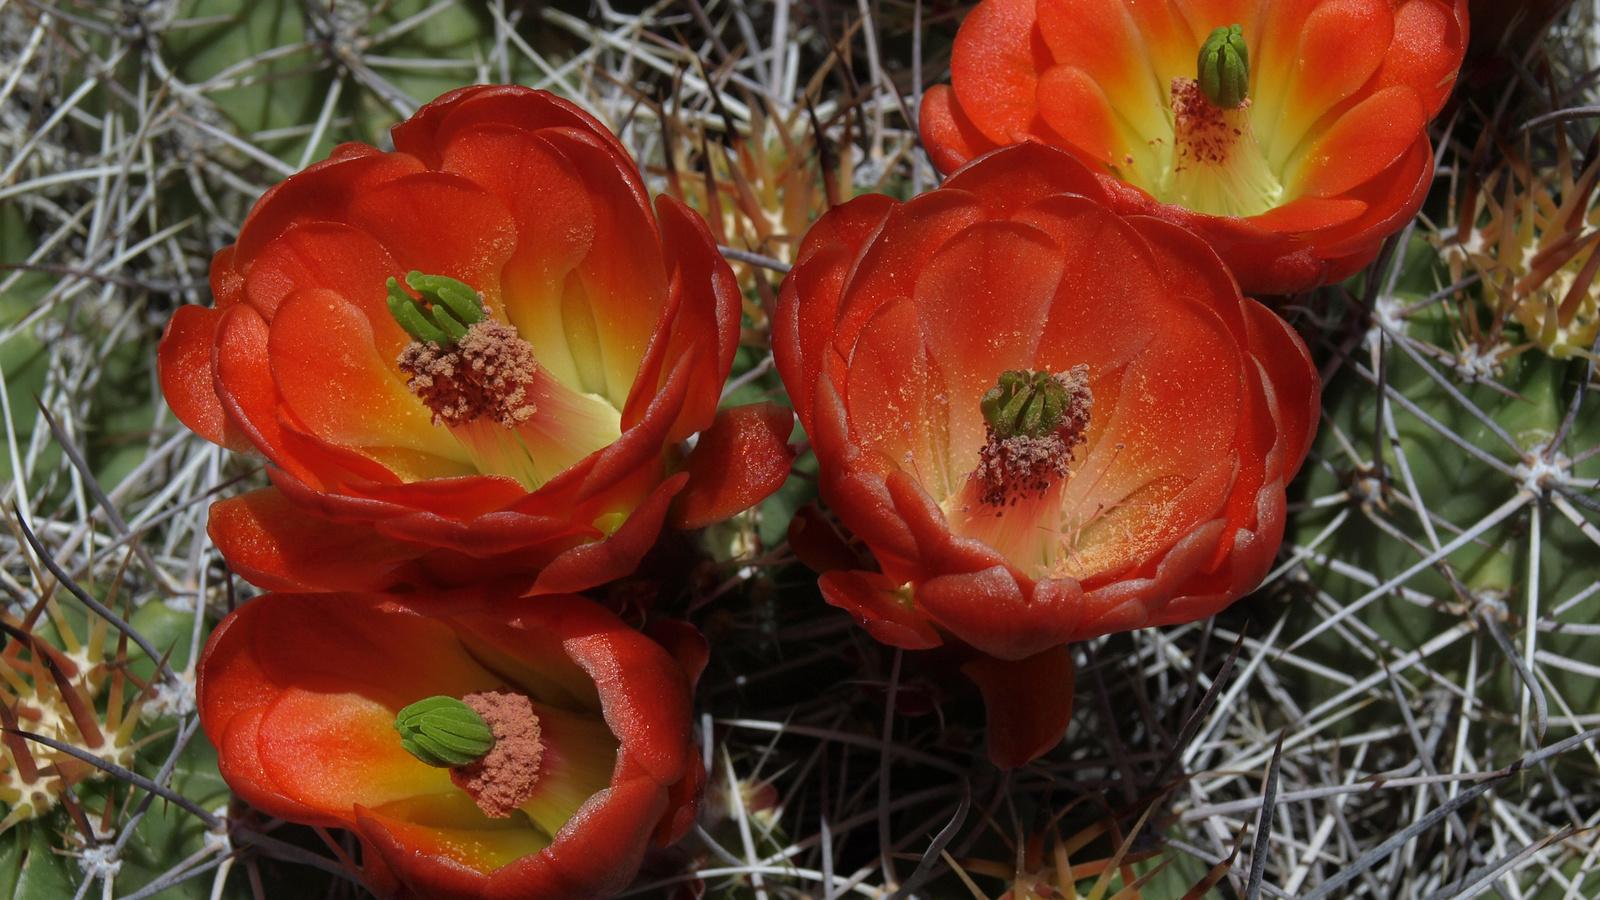 кактусы, крупным планом, красный, цветы, иголки, кактус